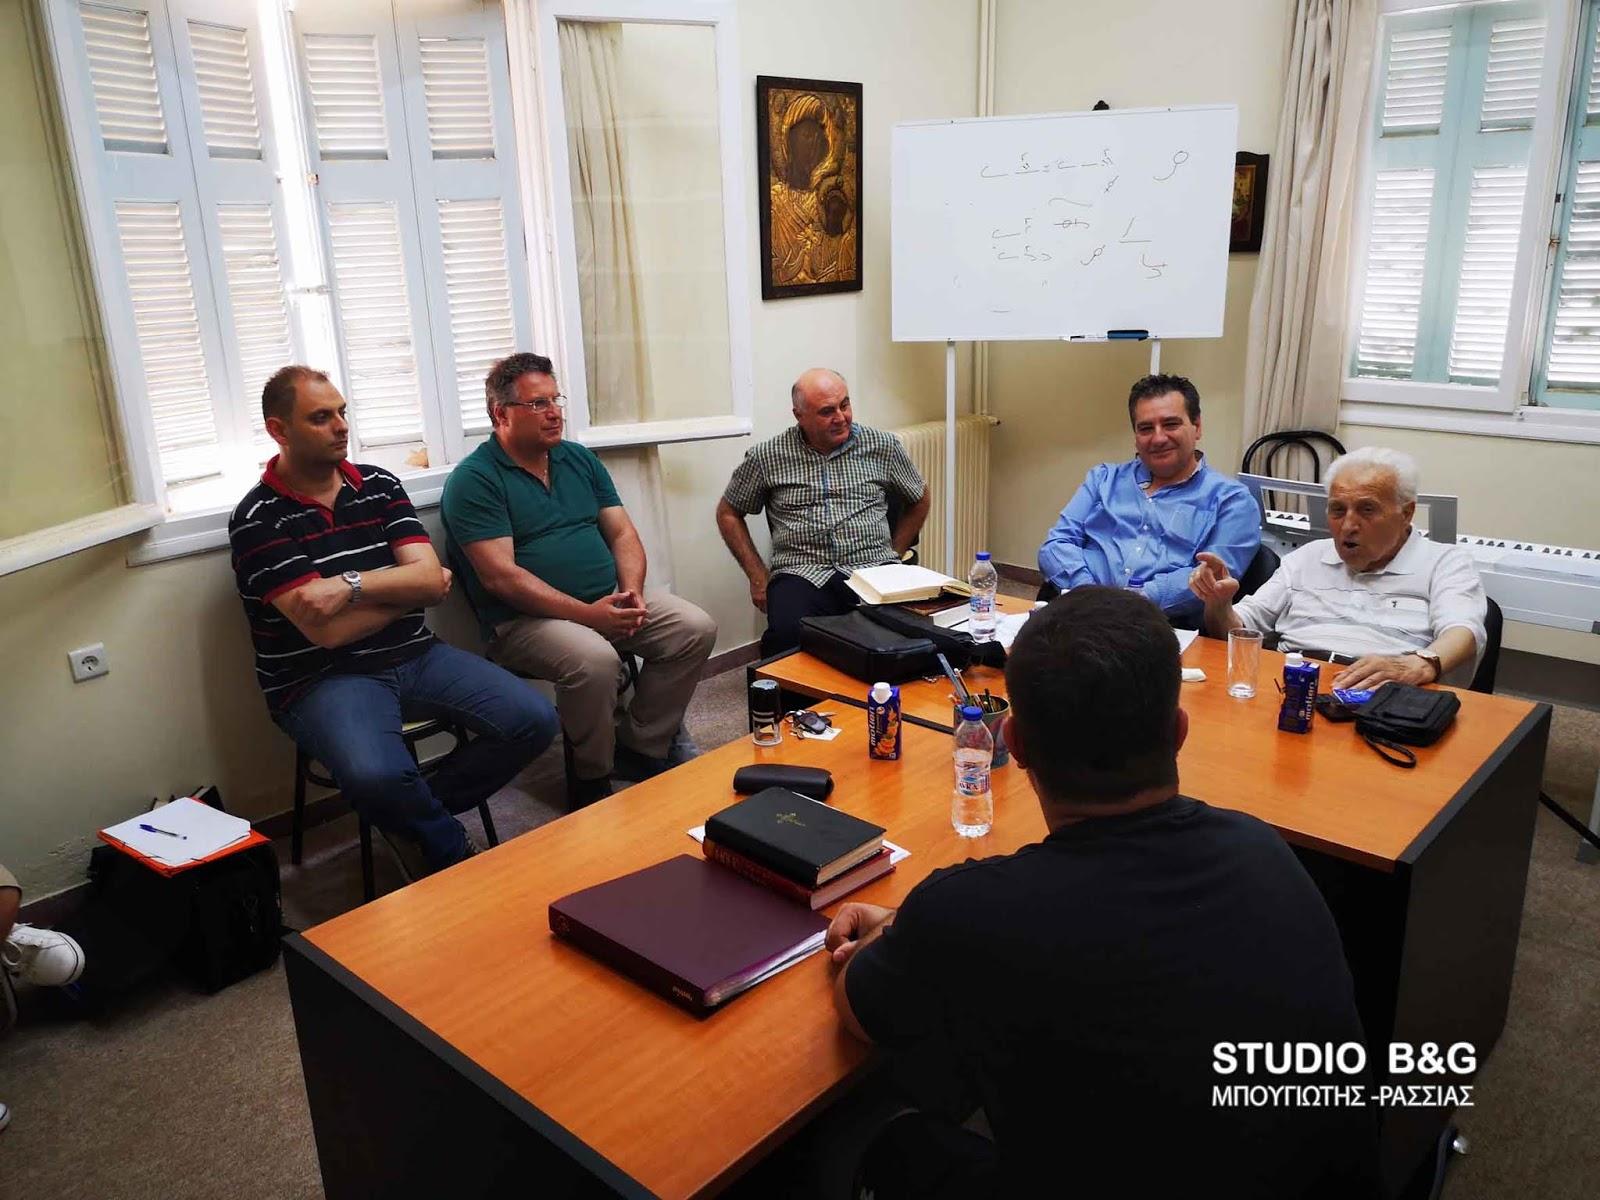 Με επιτυχία οι προαγωγικές εξετάσεις της Σχολής Βυζαντινής Μουσικής της Μητροπόλεως Αργολίδος